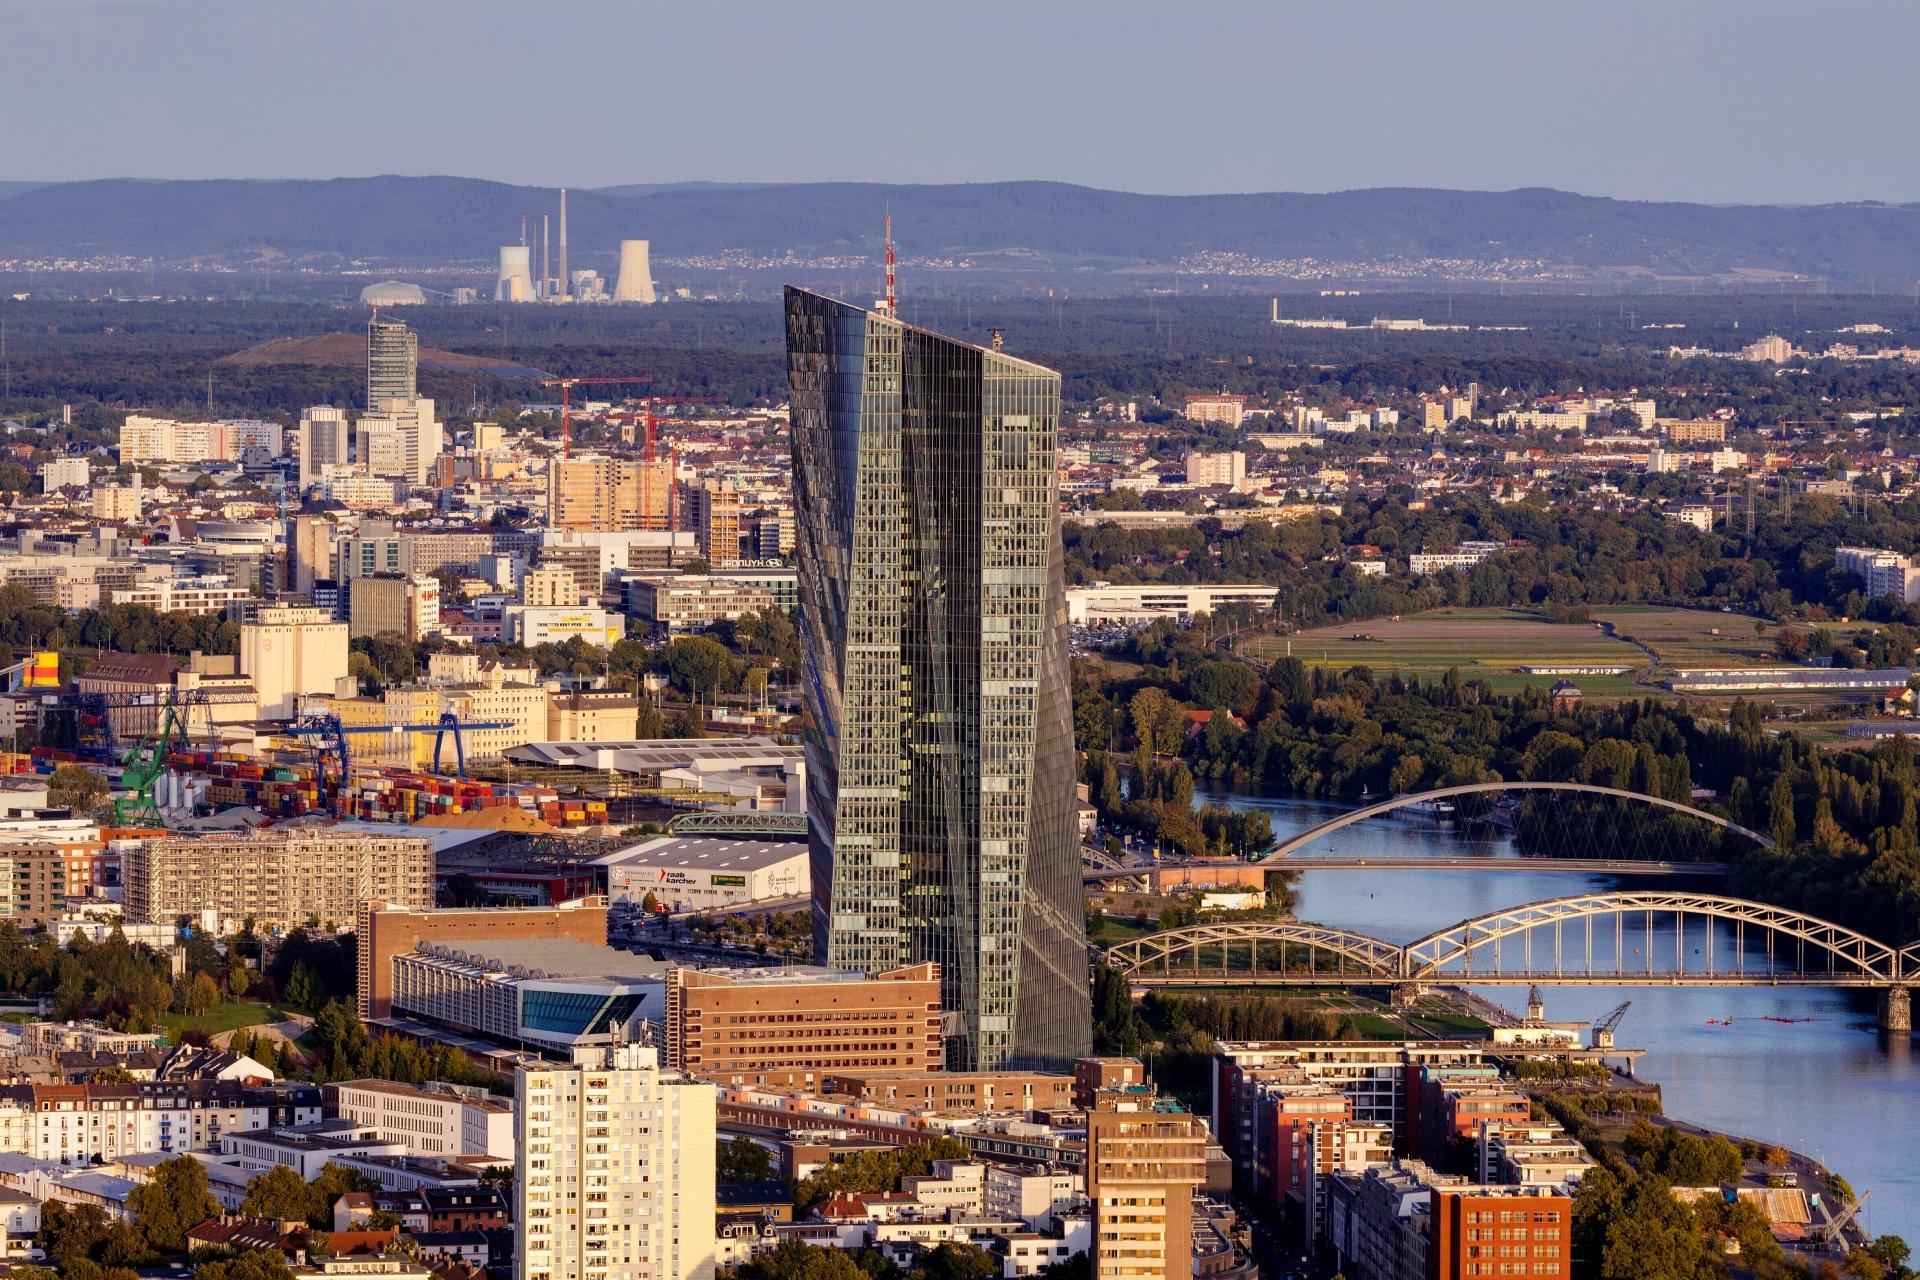 Штаб-квартира Европейского центрального банка (Europäische Zentralbank)